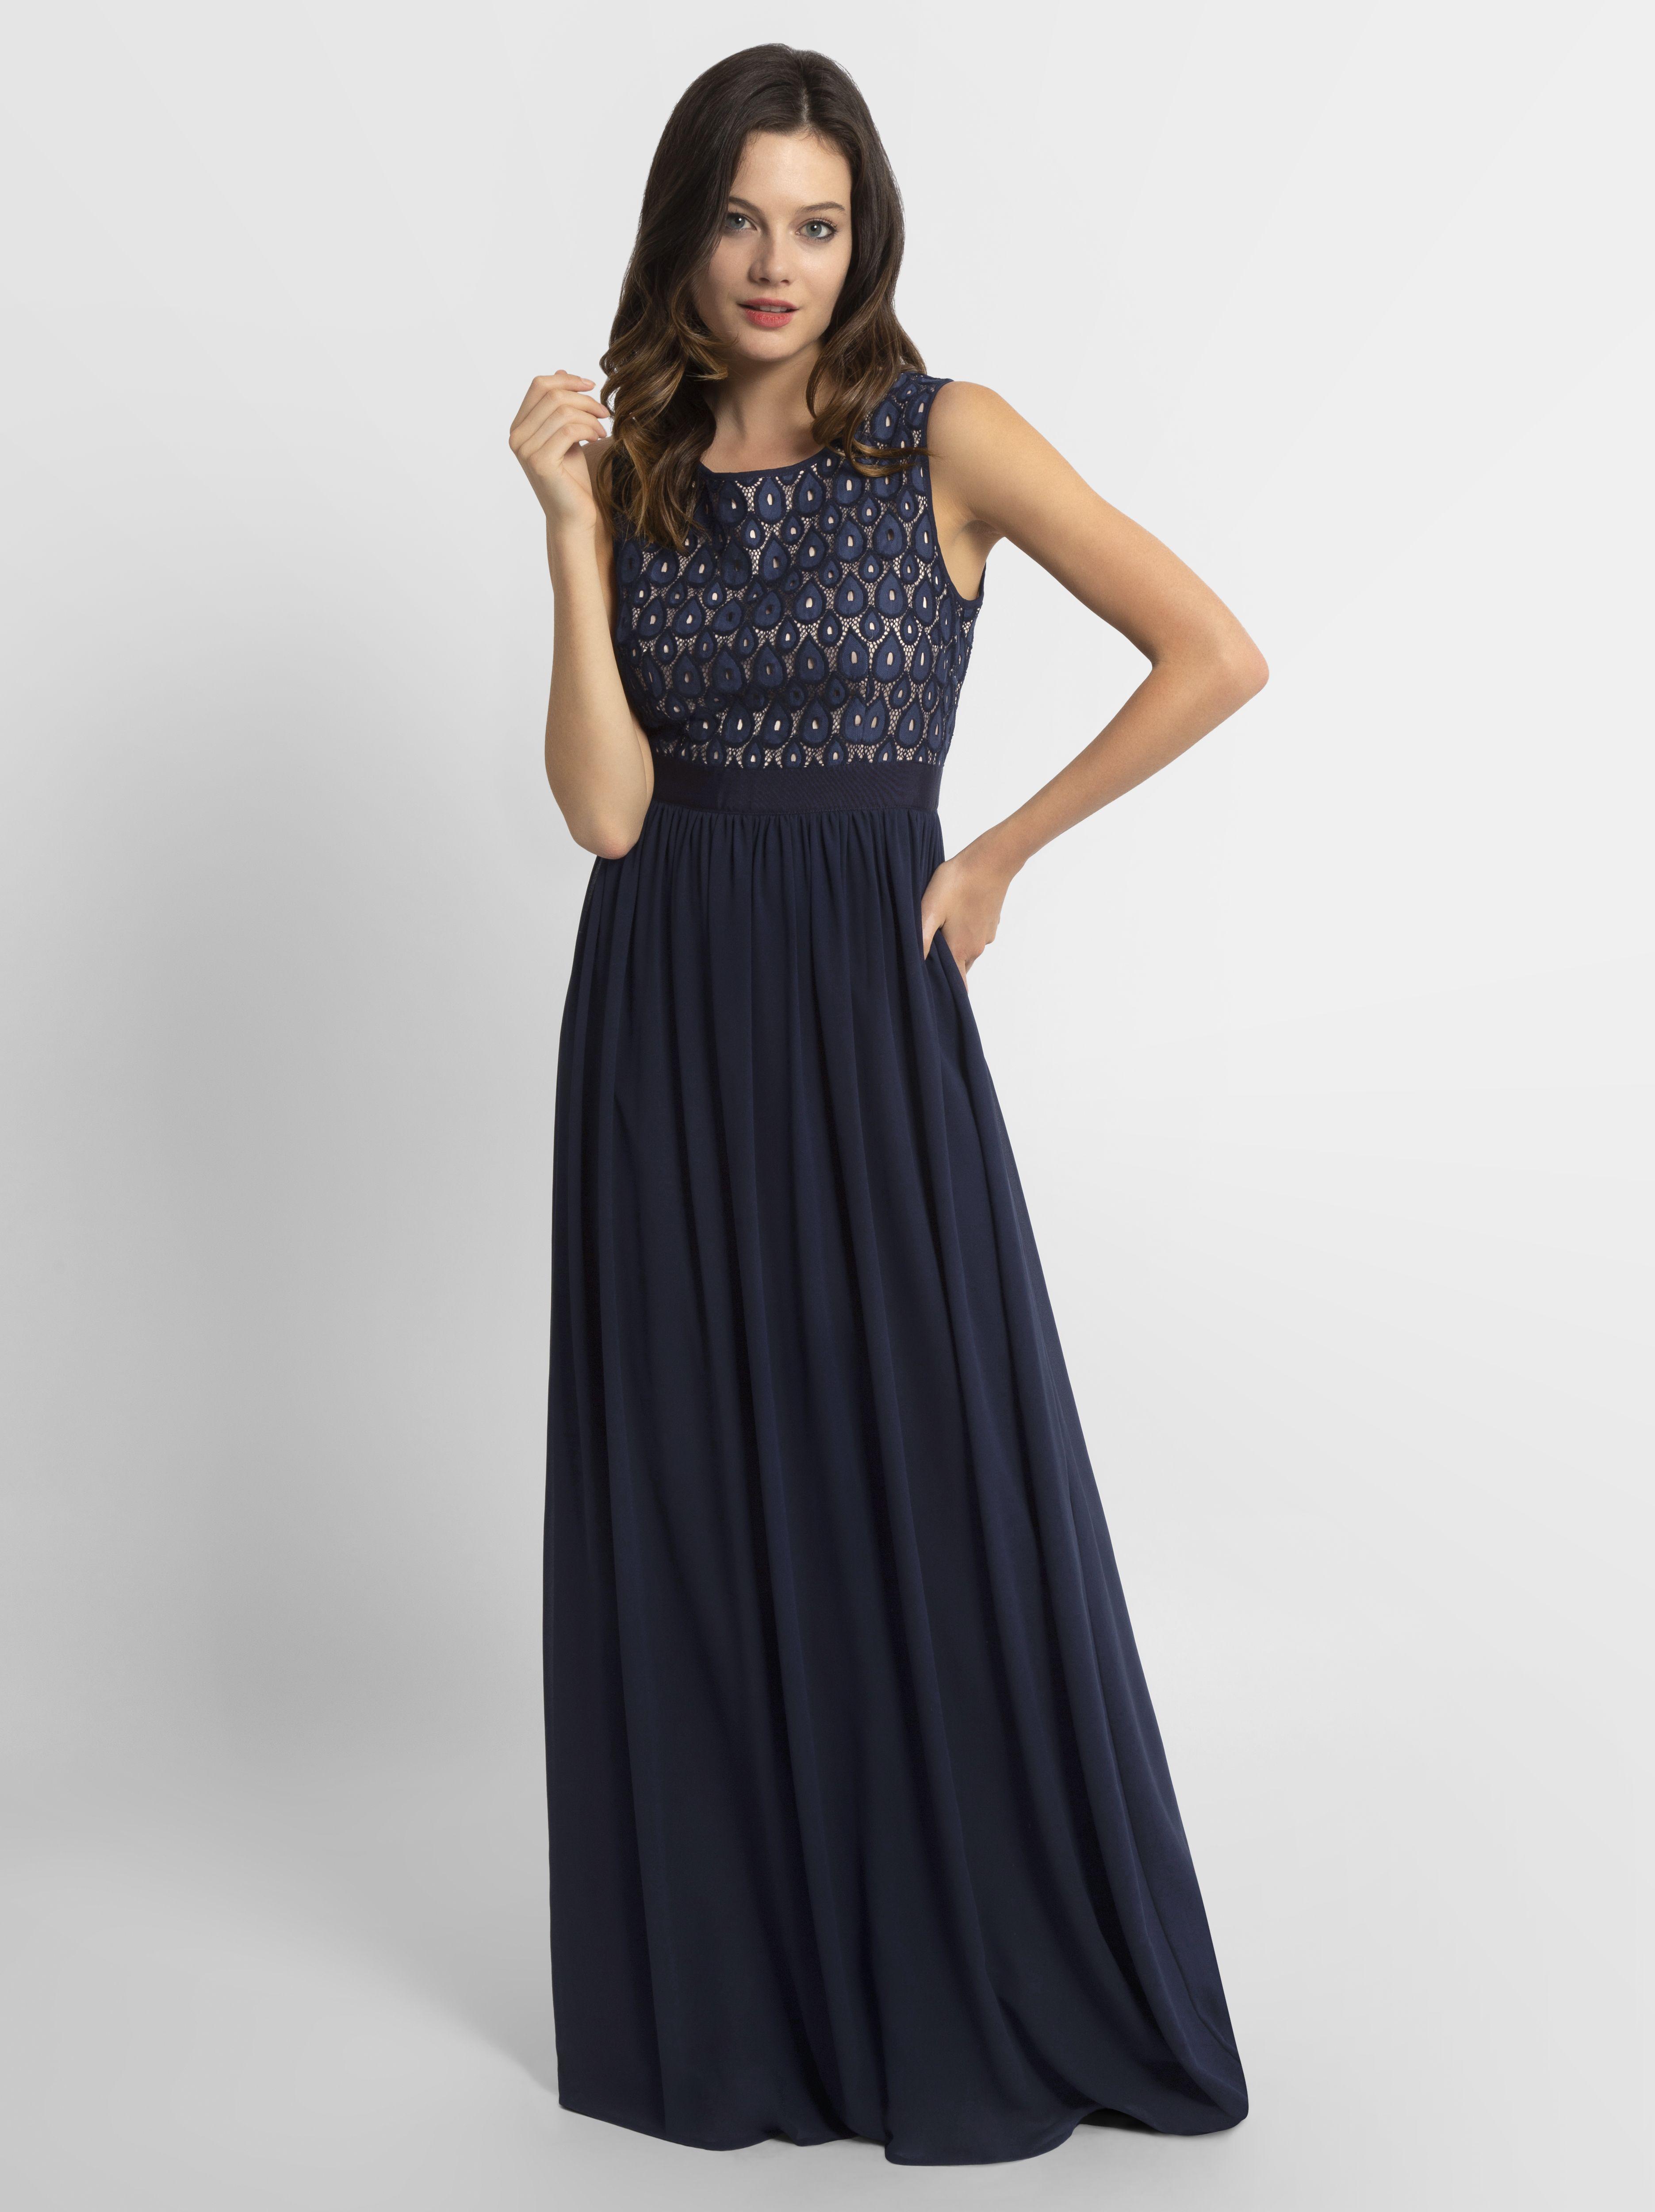 Abendkleid  Abendkleider elegant, Abendkleid, Modische kleider